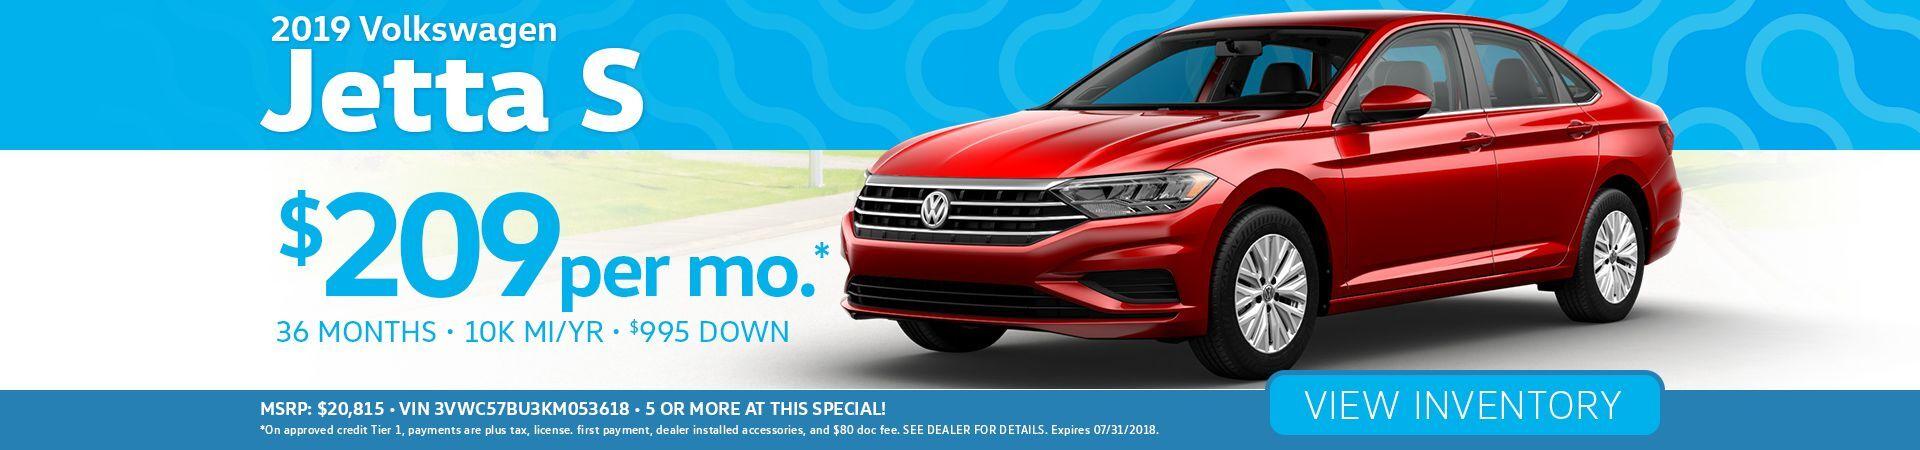 Volkswagen Jetta Specials